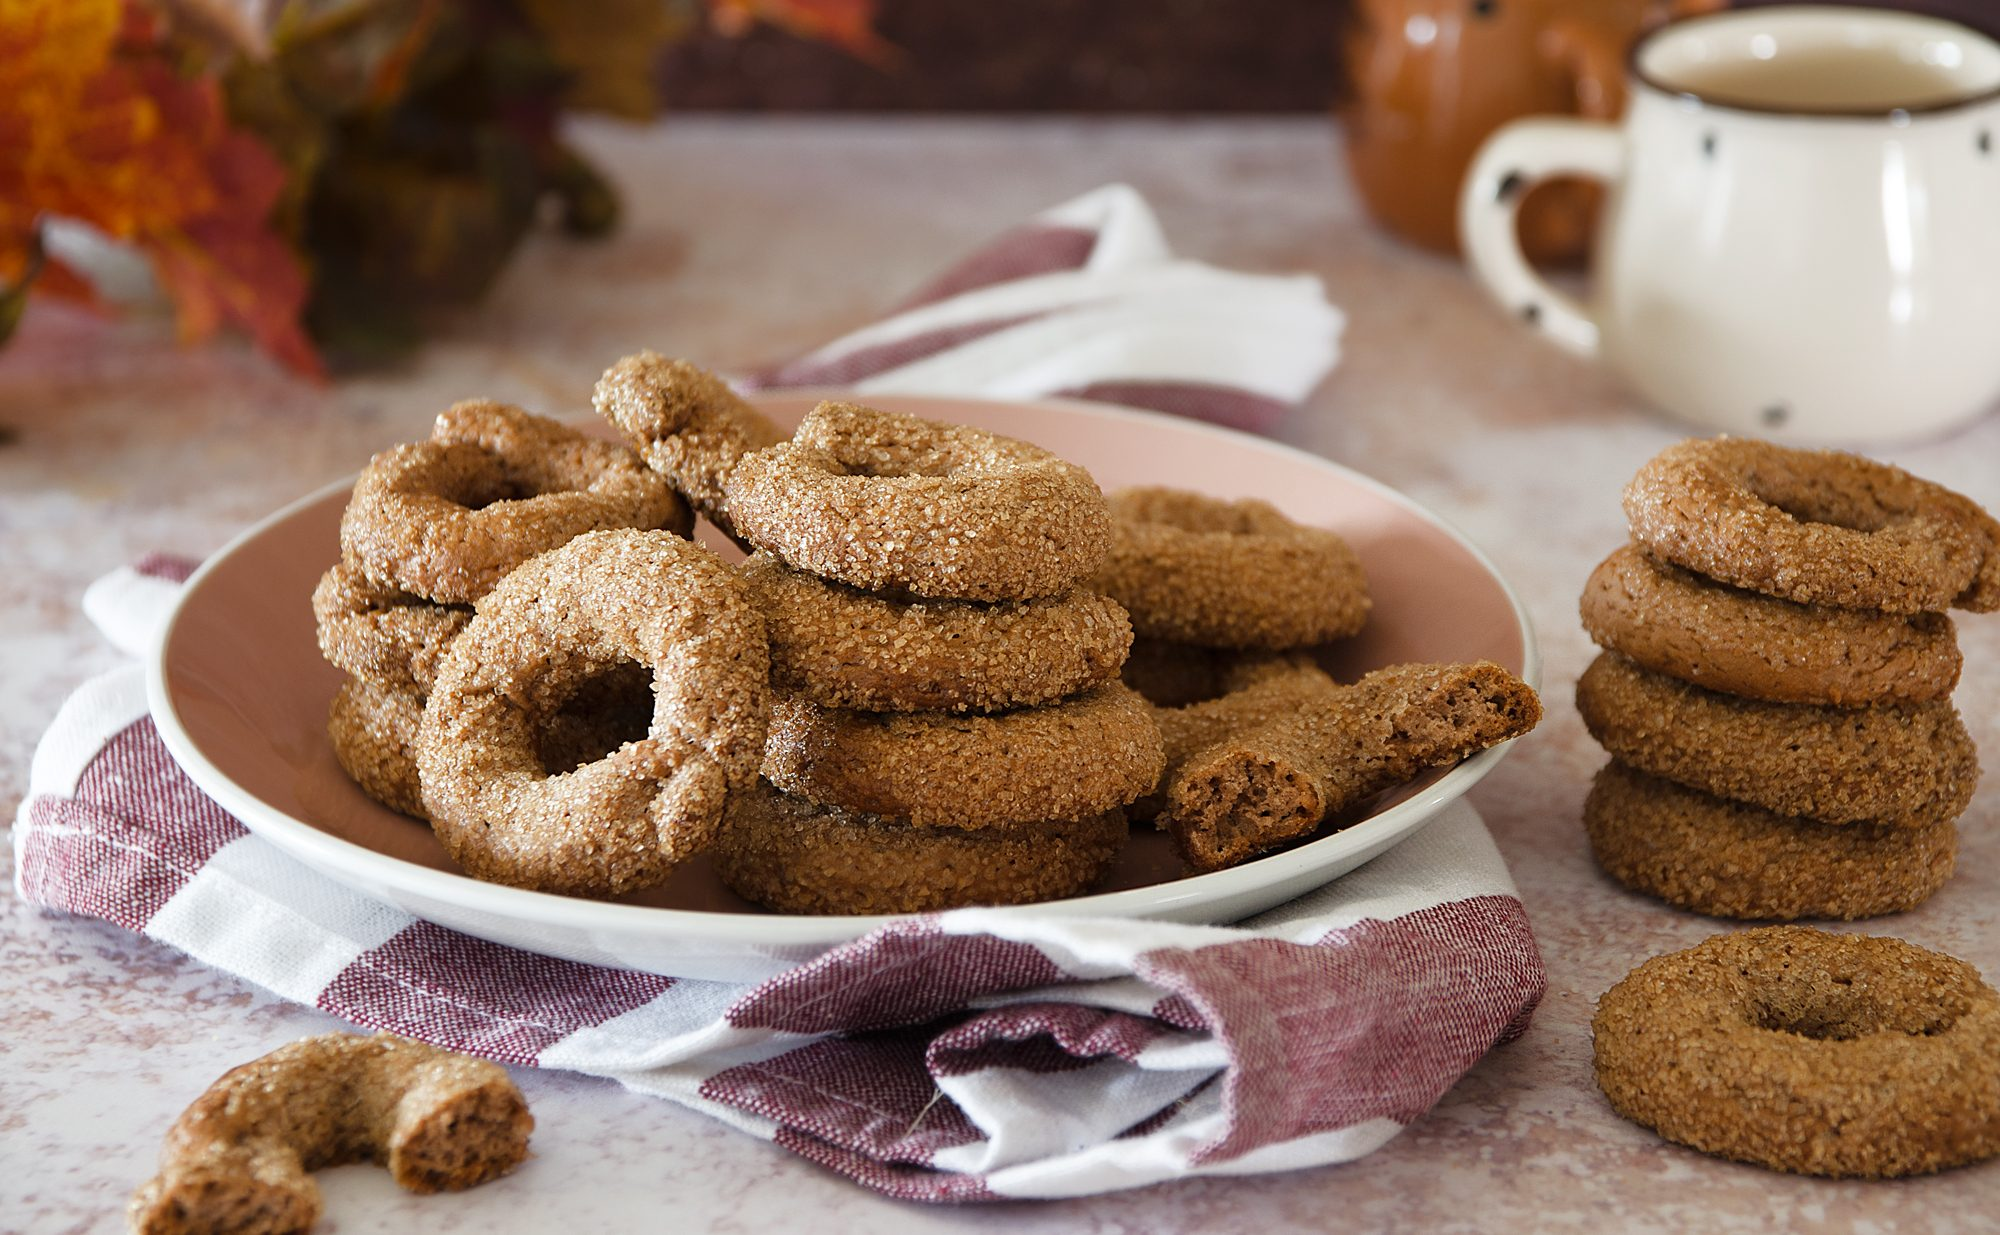 Ciambelline al mosto: la ricetta dei biscotti autunnali croccanti e golosi